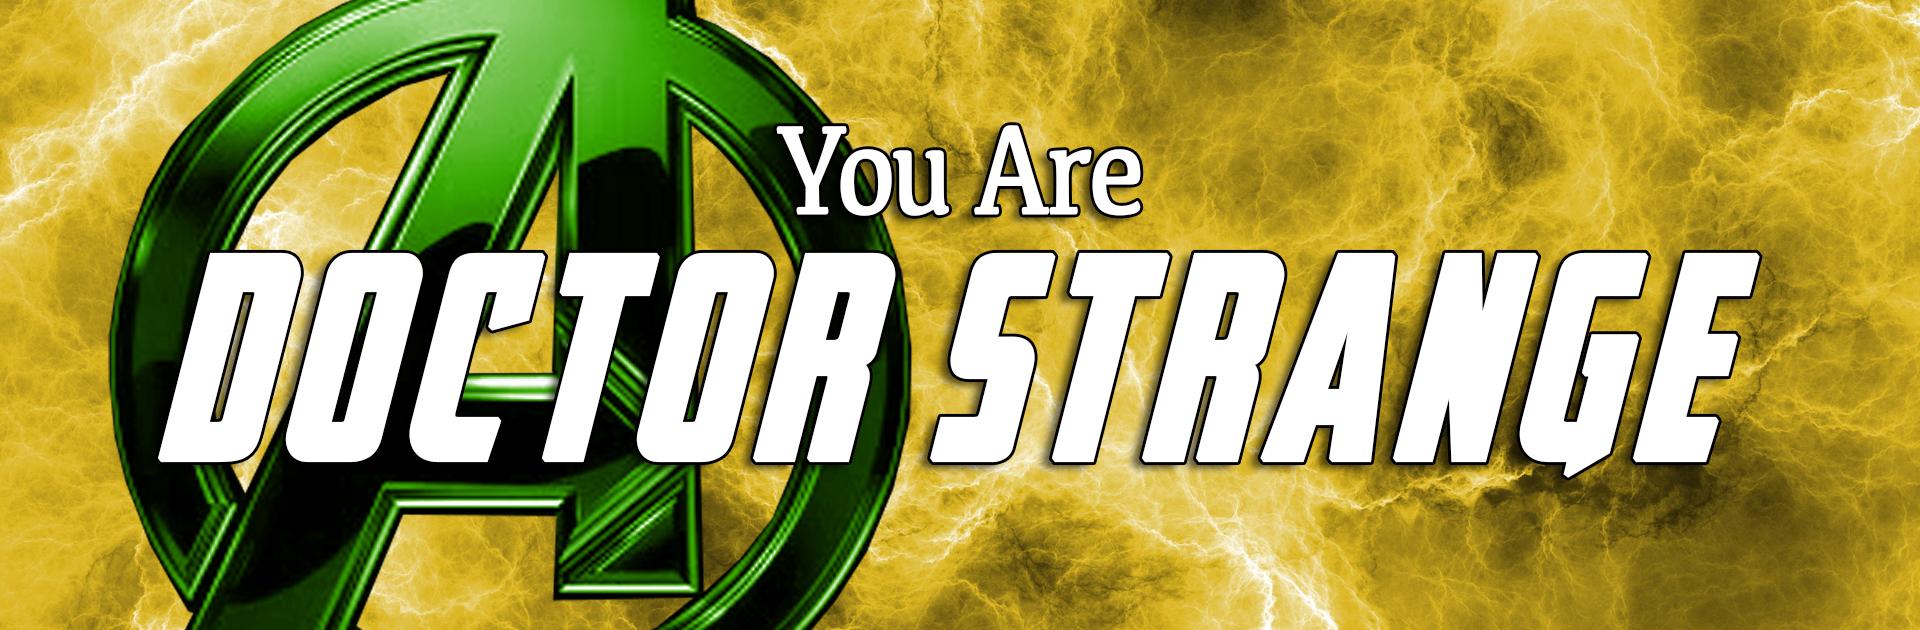 BANNER - 06 Doctor Strange.jpg